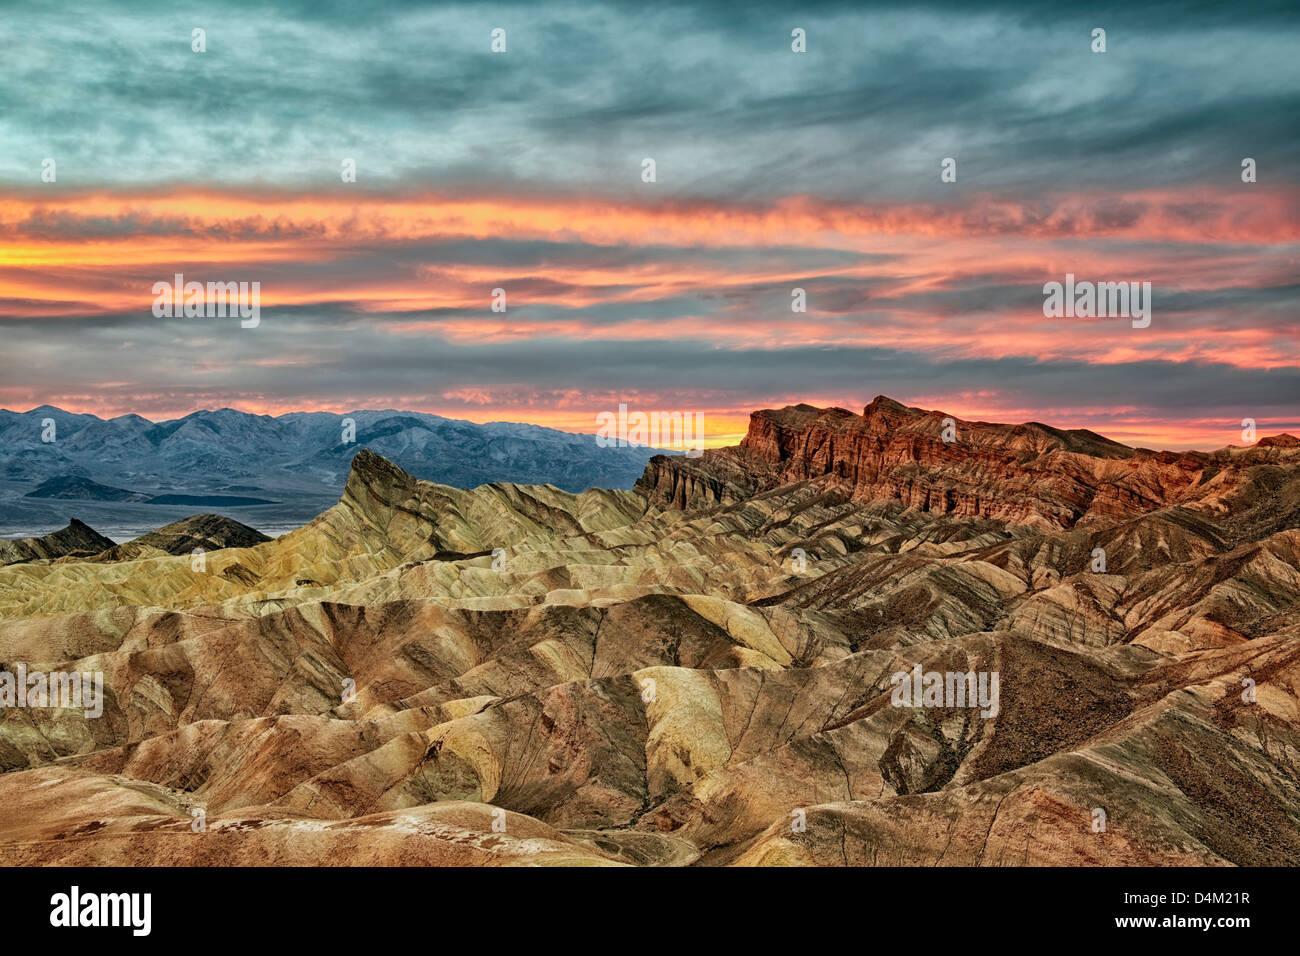 Coucher de soleil spectaculaire se développe avec le Golden Canyon de Zabriskie Point et California's Death Valley Banque D'Images